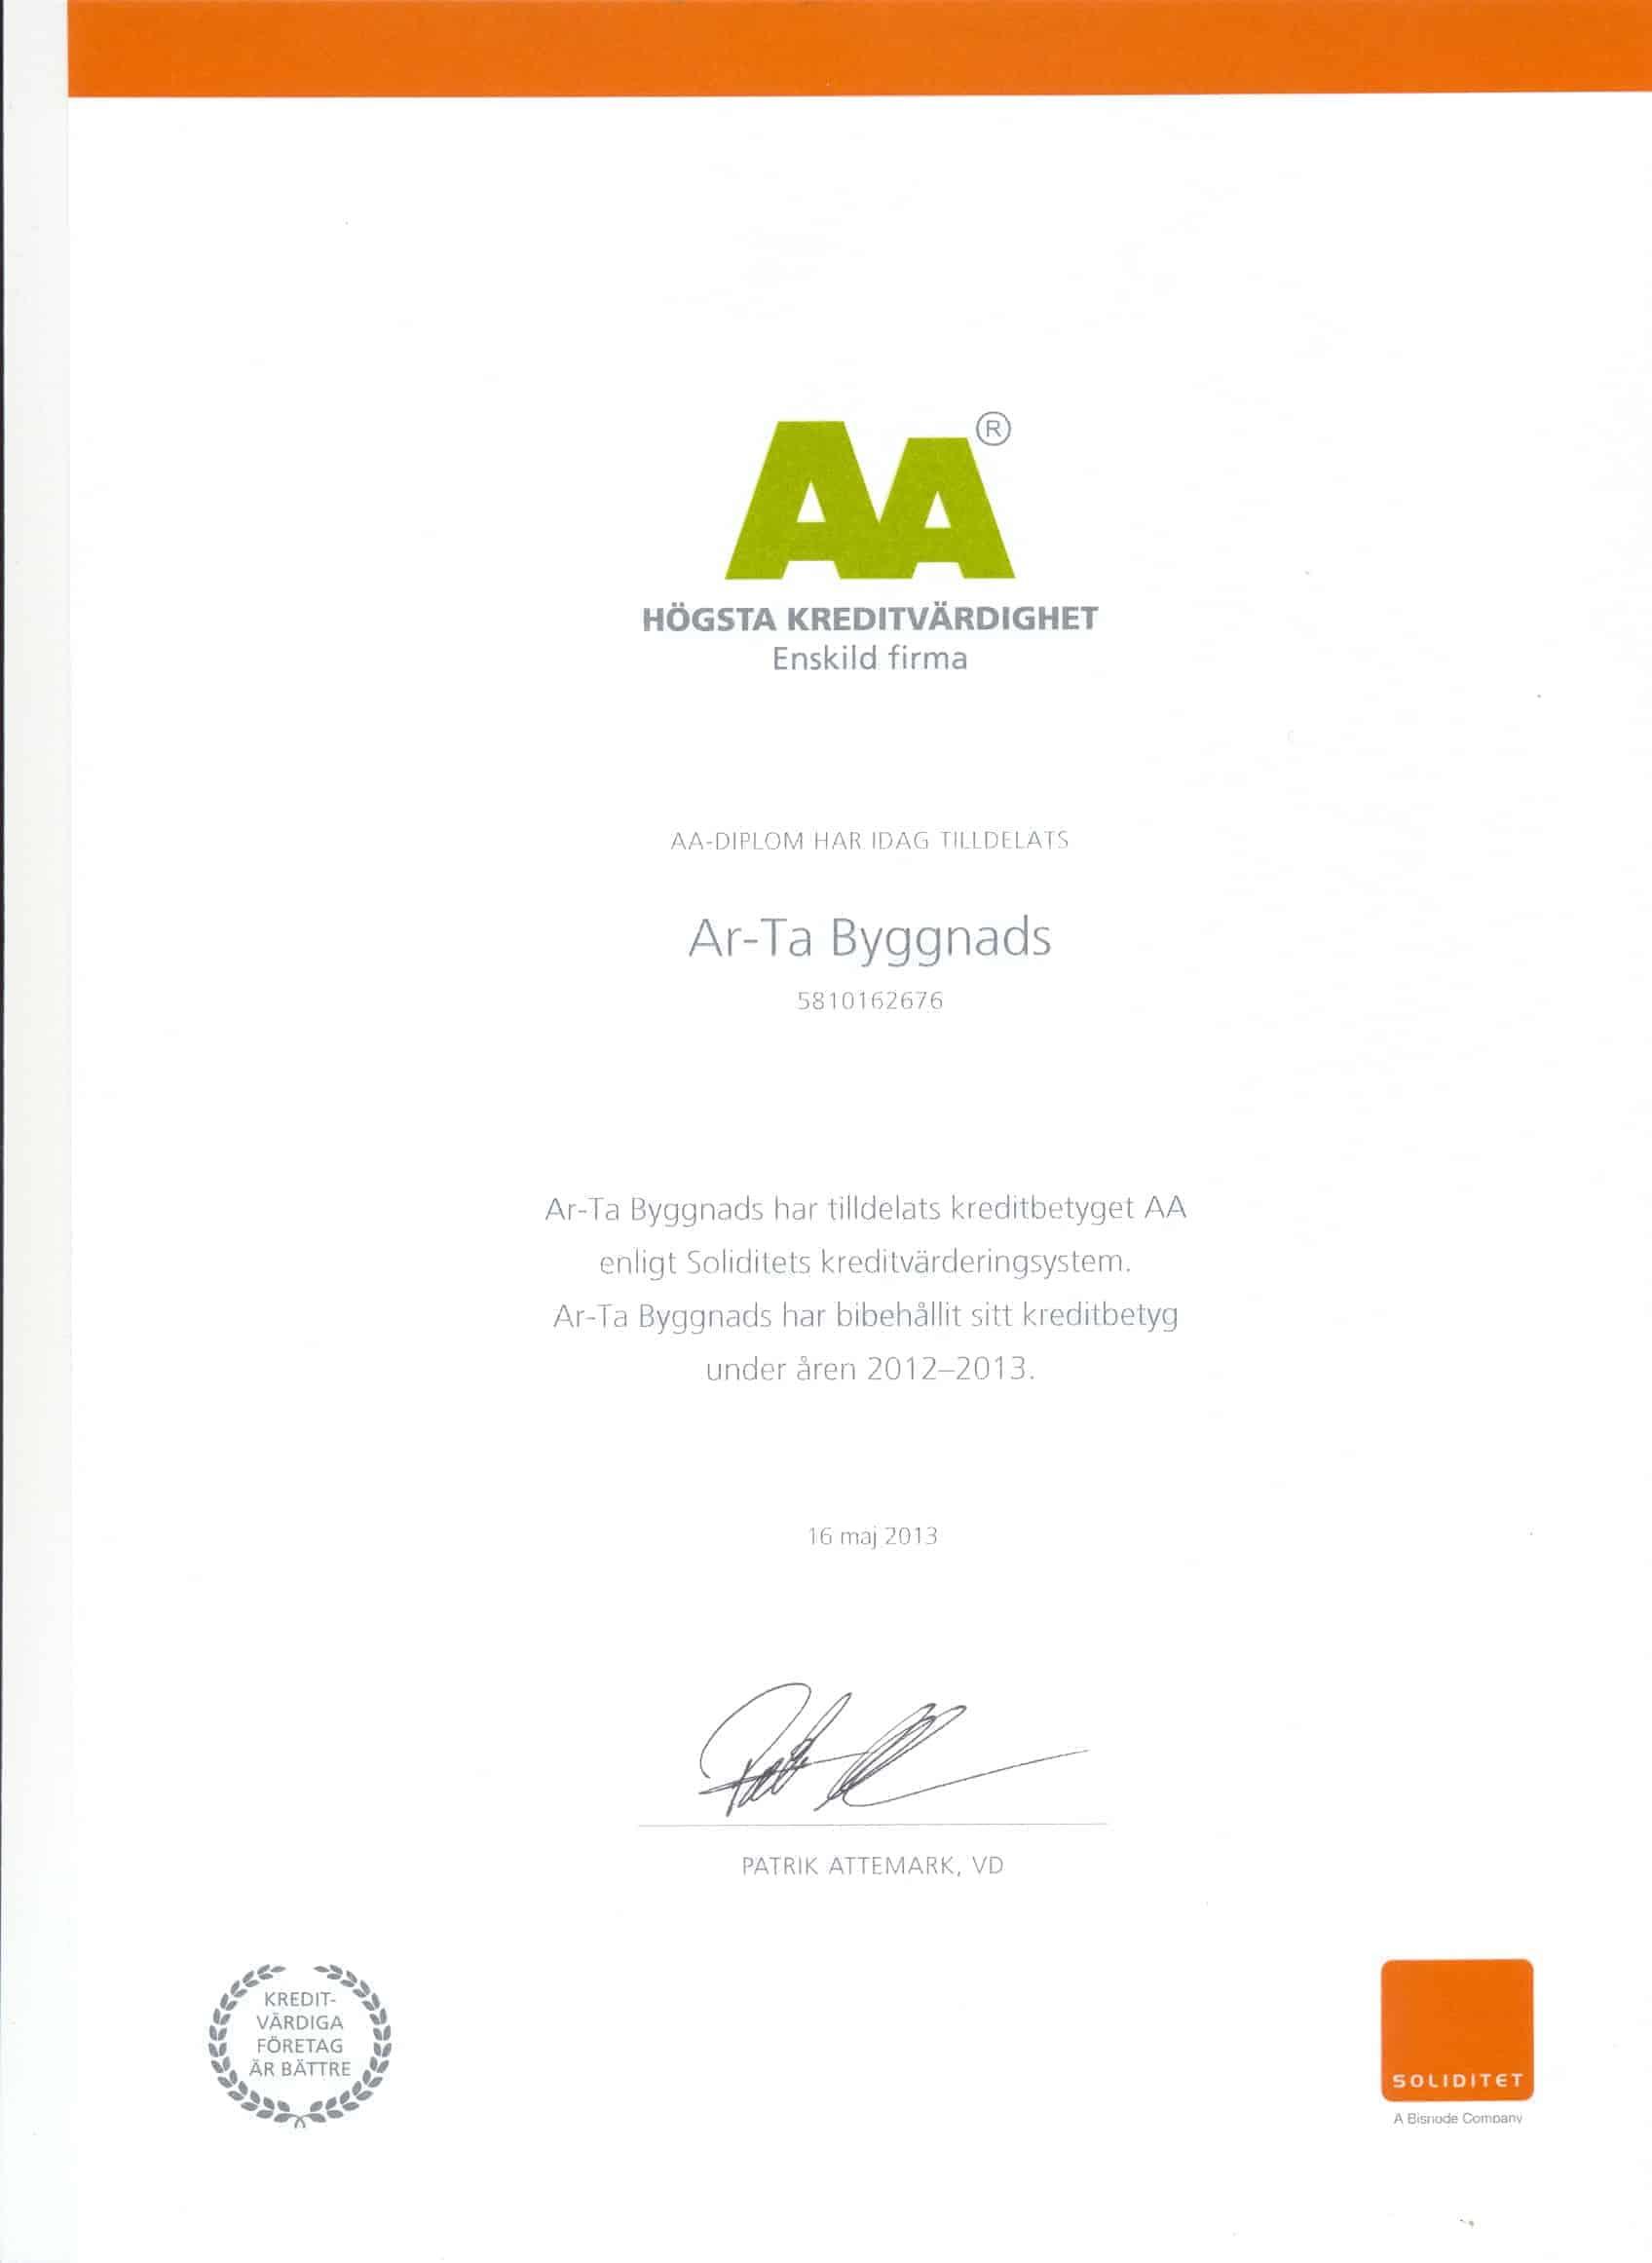 """Referensjobb """"AA"""" utfört av Ar-Ta byggnads"""